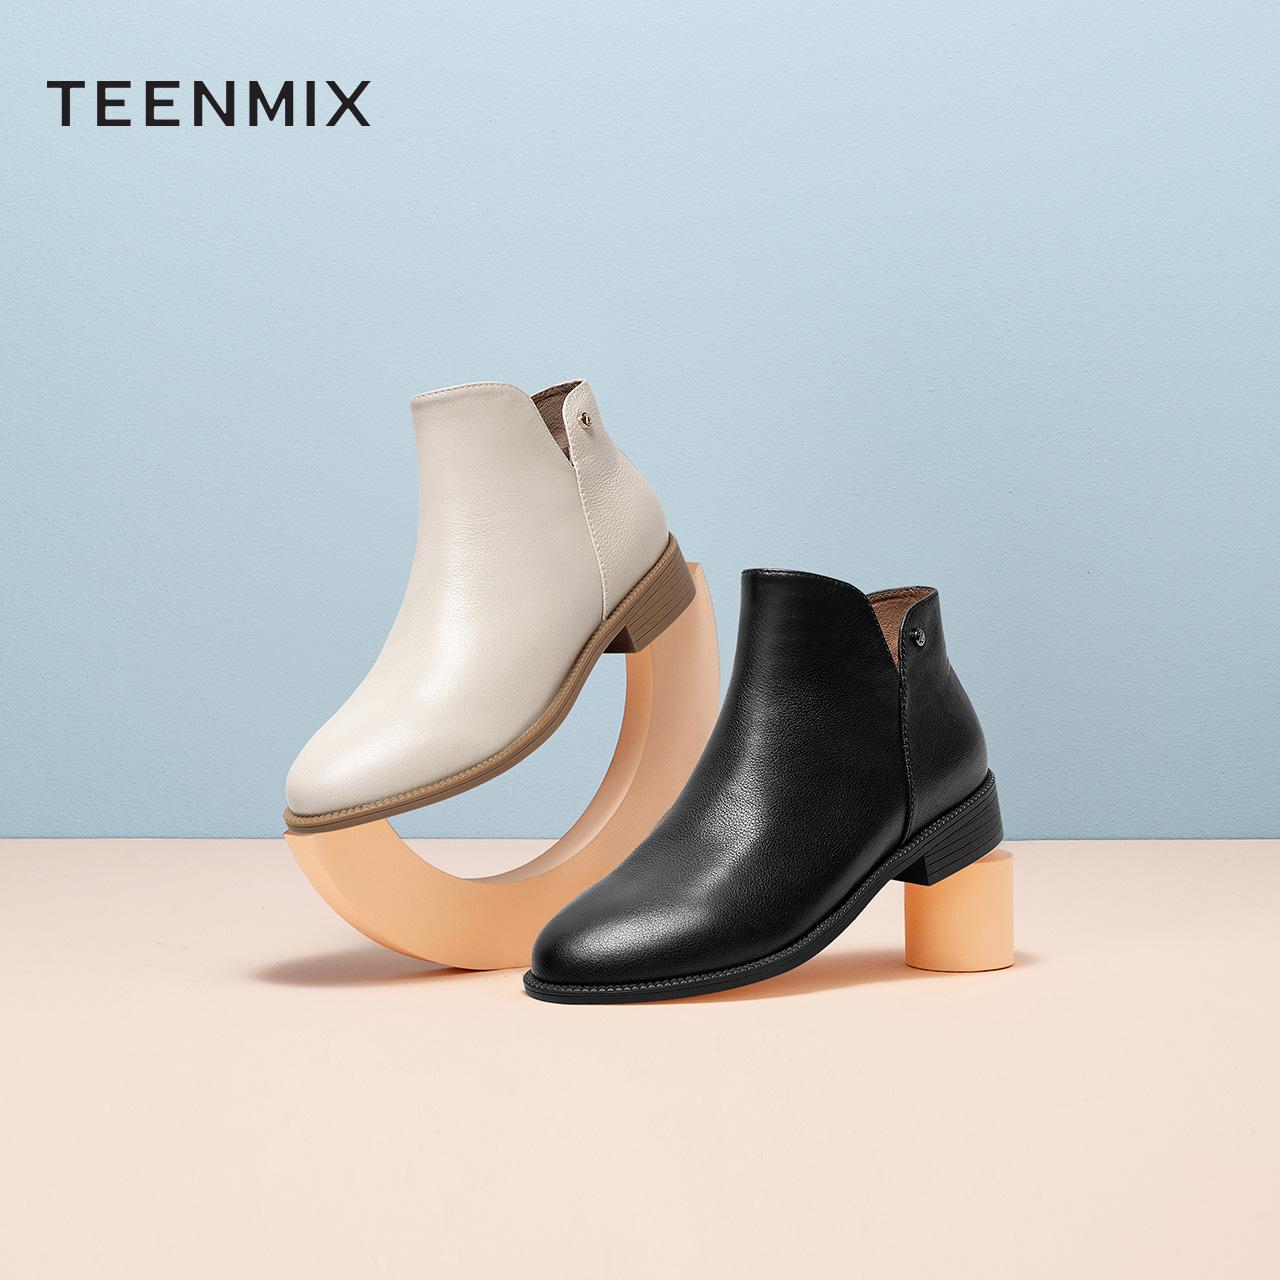 CO547DD0 冬季新款英伦风单绒皮靴商场同款 2020 天美意女靴子短筒靴